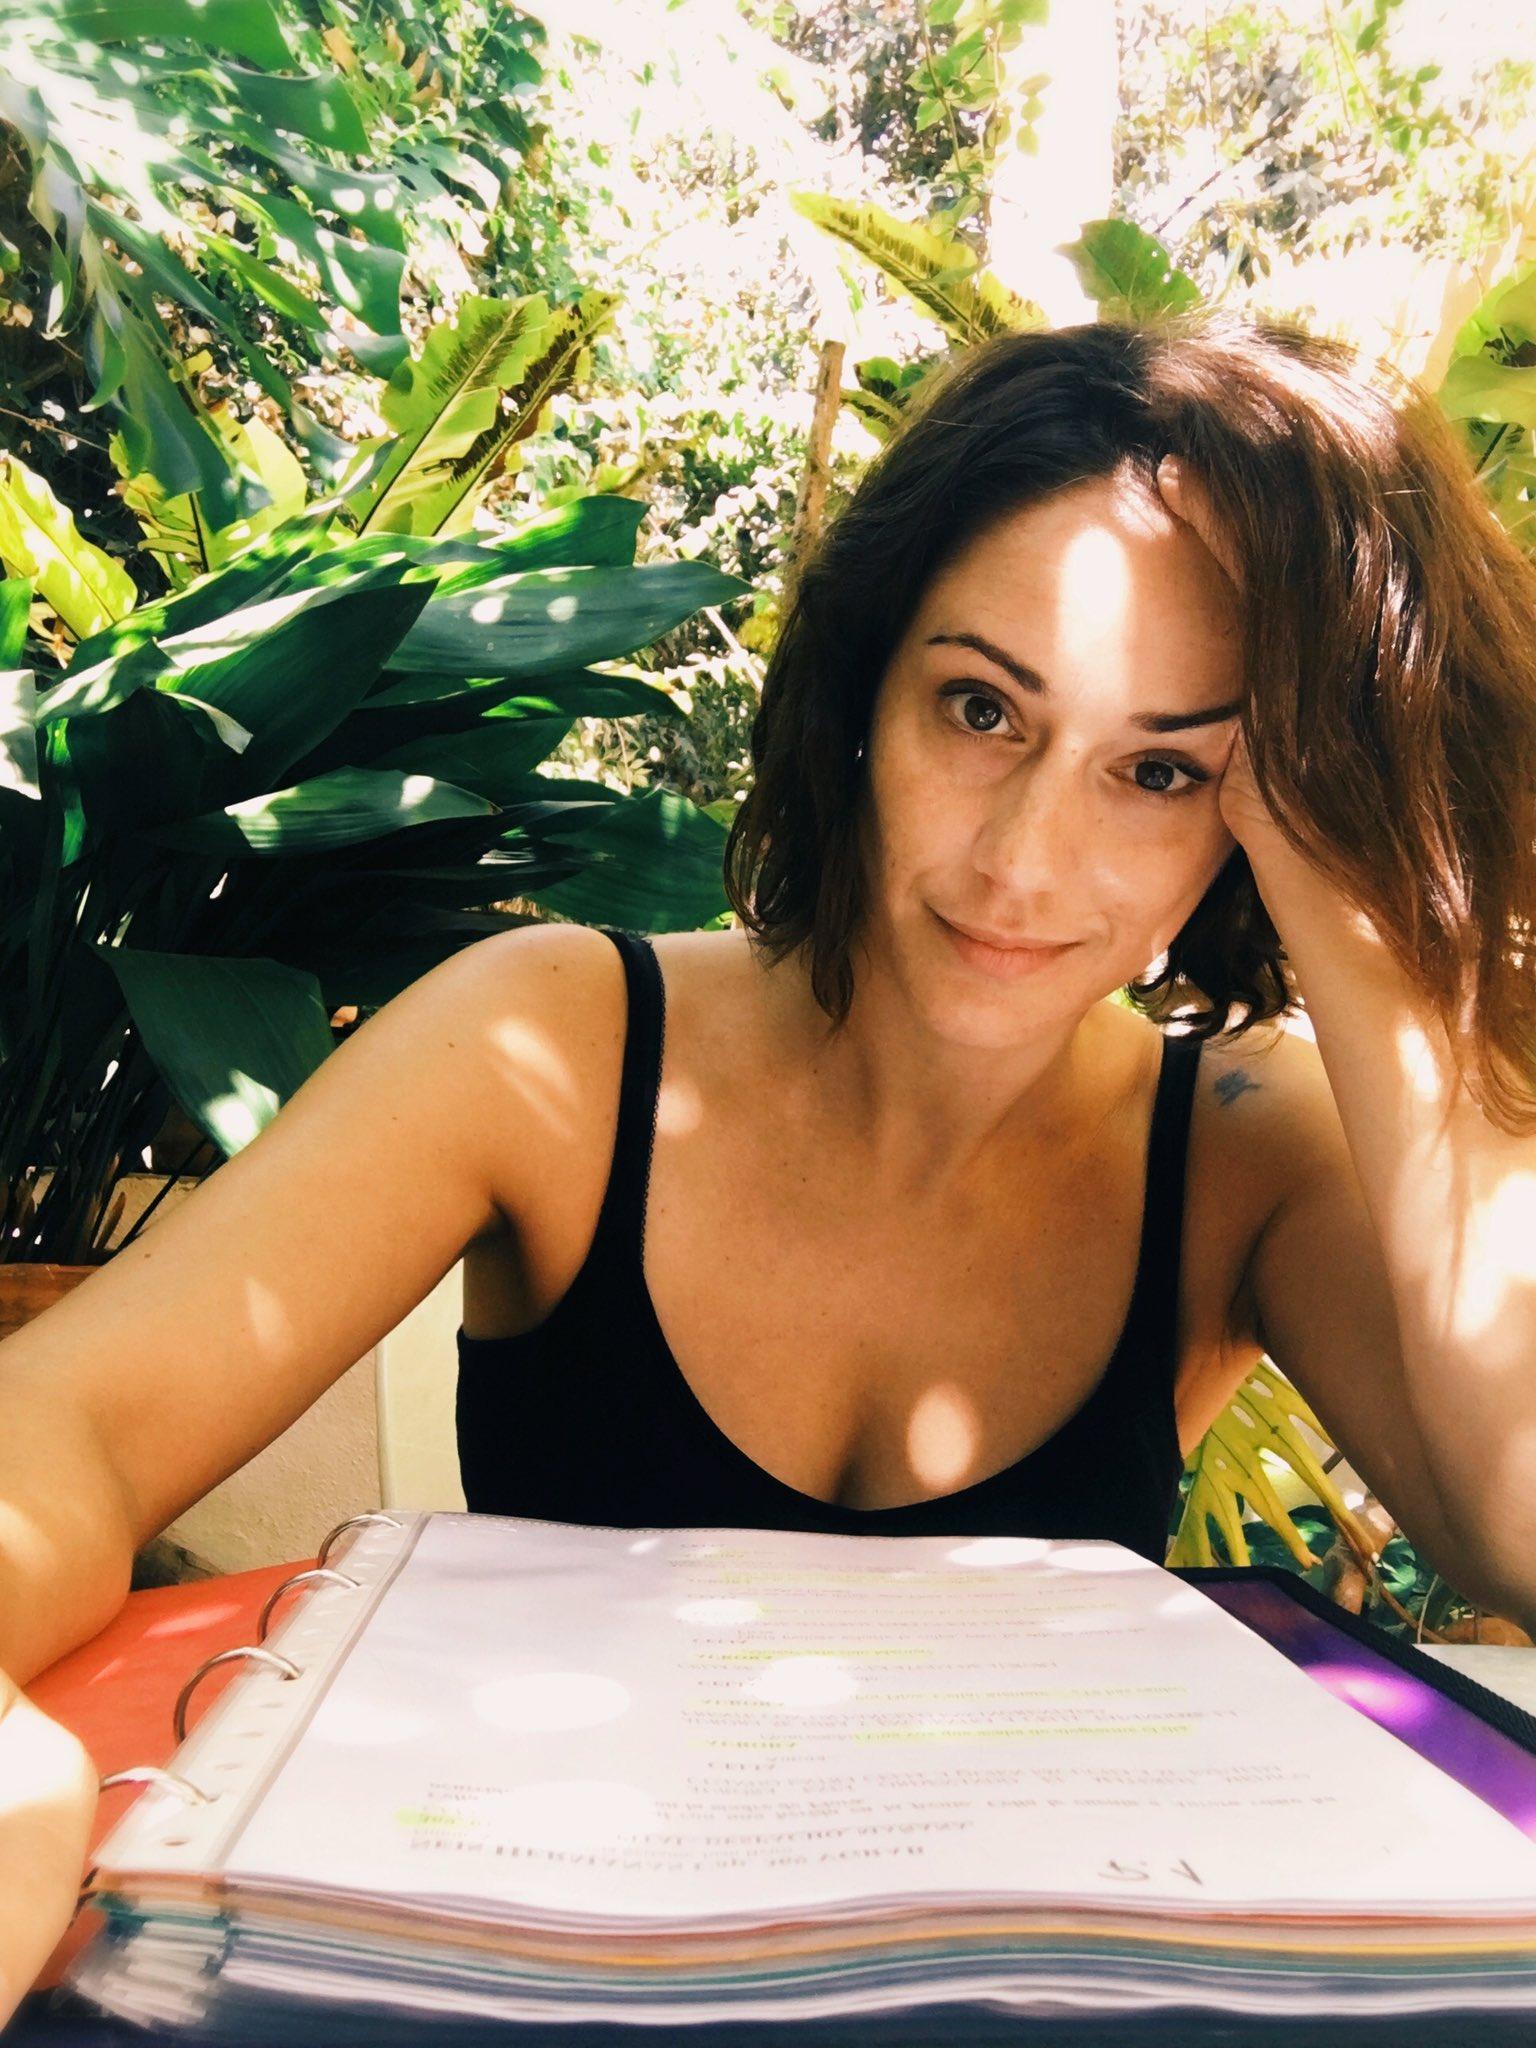 Luz valdenebro on twitter la verdadera olimpiadaaurelia estudiar para traeros las mejores - Mejor luz para estudiar ...